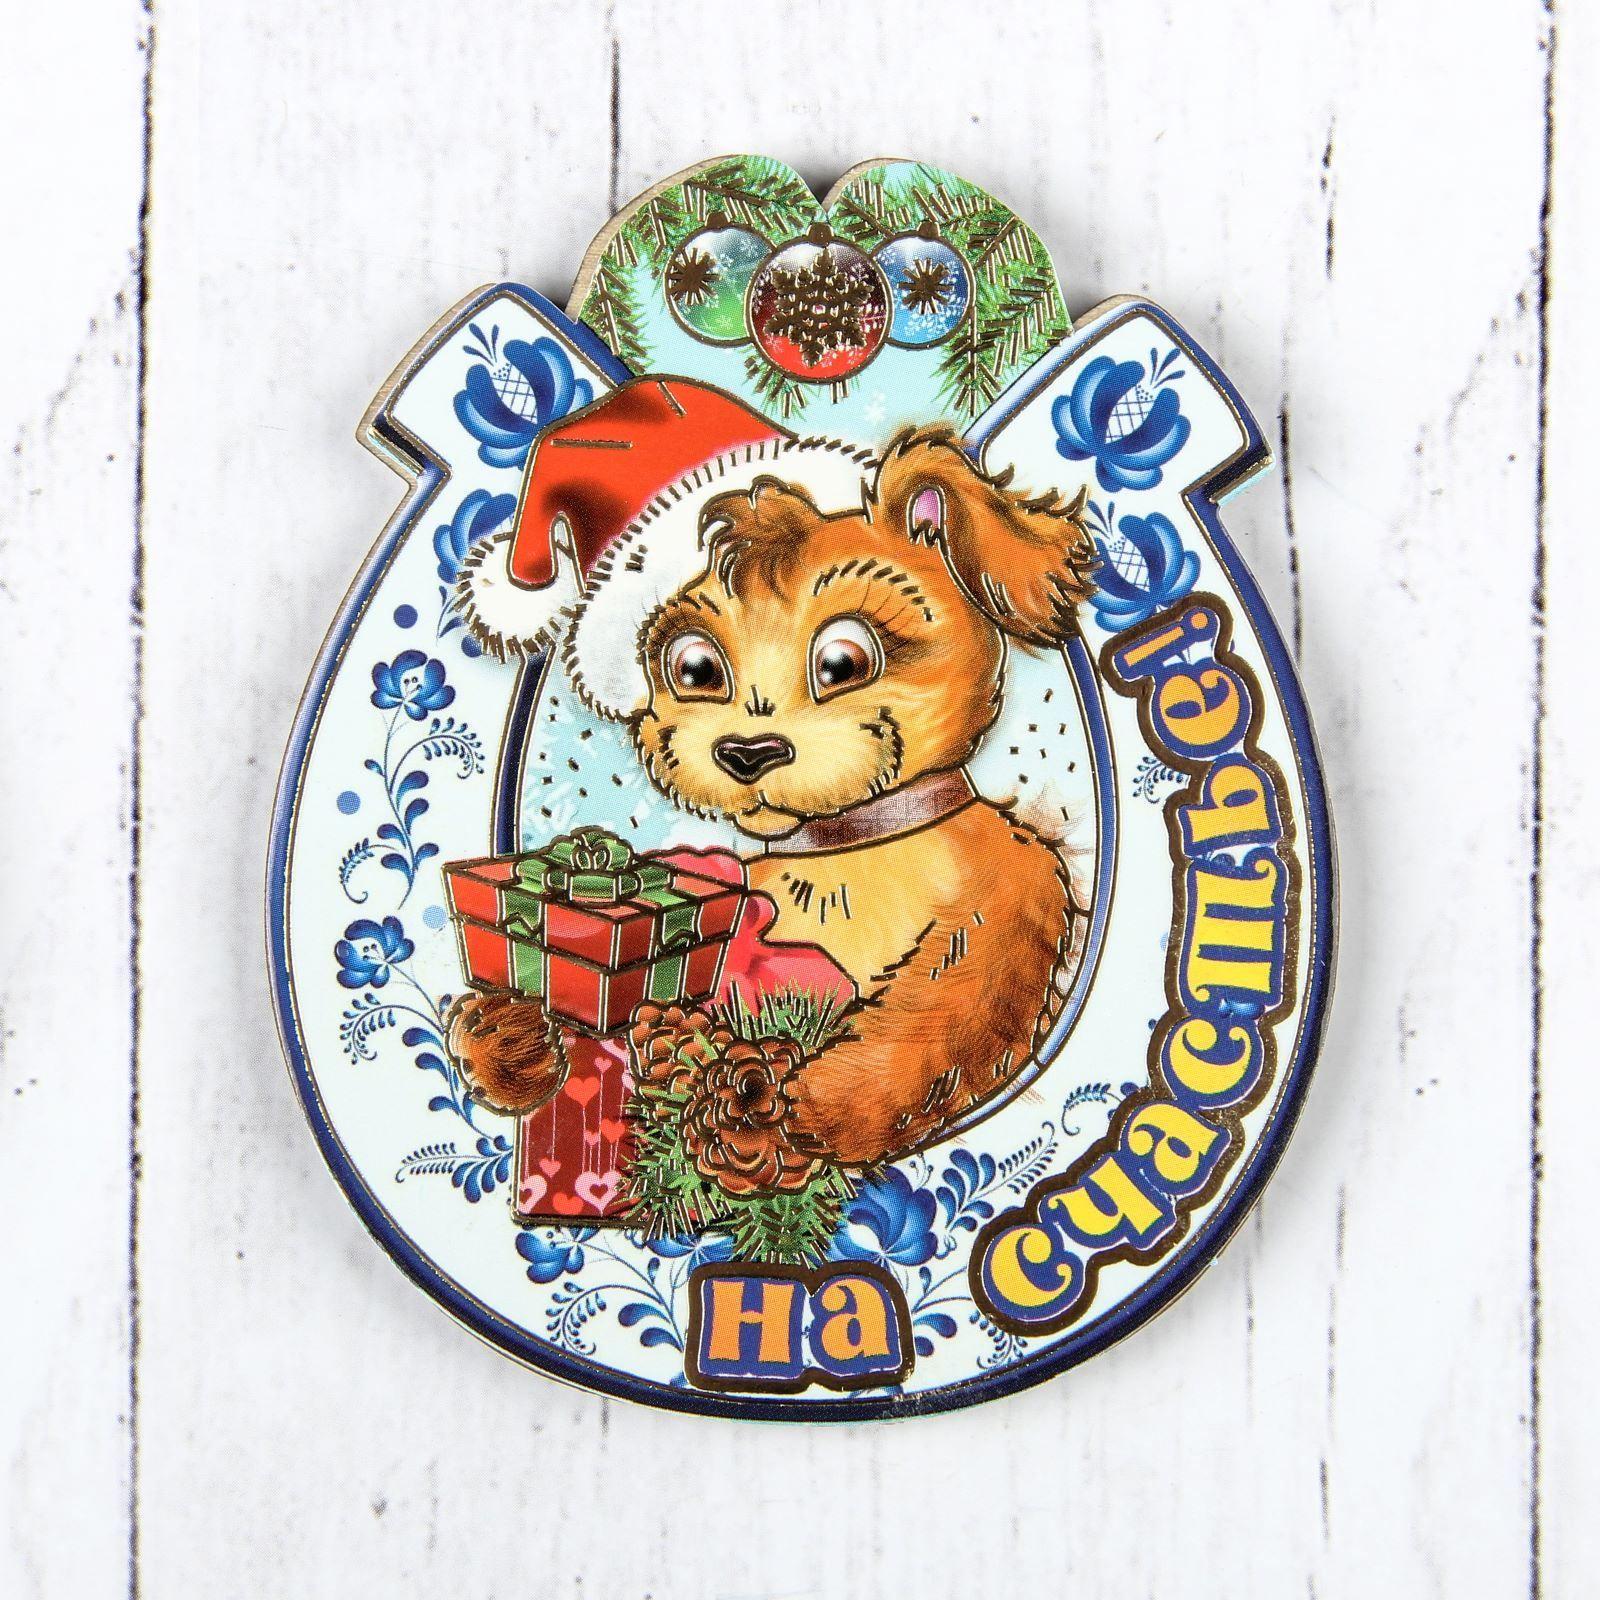 Магнит Sima-land Новогодний. 2018, 9 х 7,5 см. 25323592532359Порадуйте родных и близких оригинальным сувениром: преподнесите в подарок магнит. С ним даже самый серьёзный человек почувствует себя ребёнком, ожидающим чудо! Создайте праздничное настроение, и оно останется с вами на весь год.